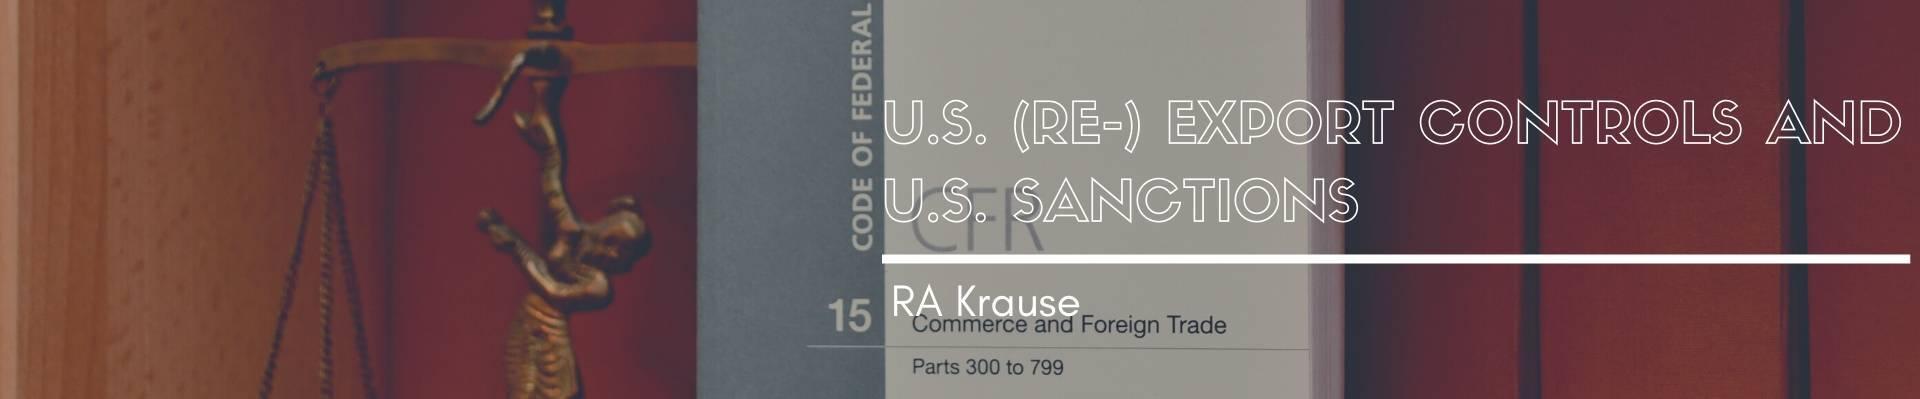 U.S. (RE-) EXPORT CONTROLS AND U.S. SANCTIONS